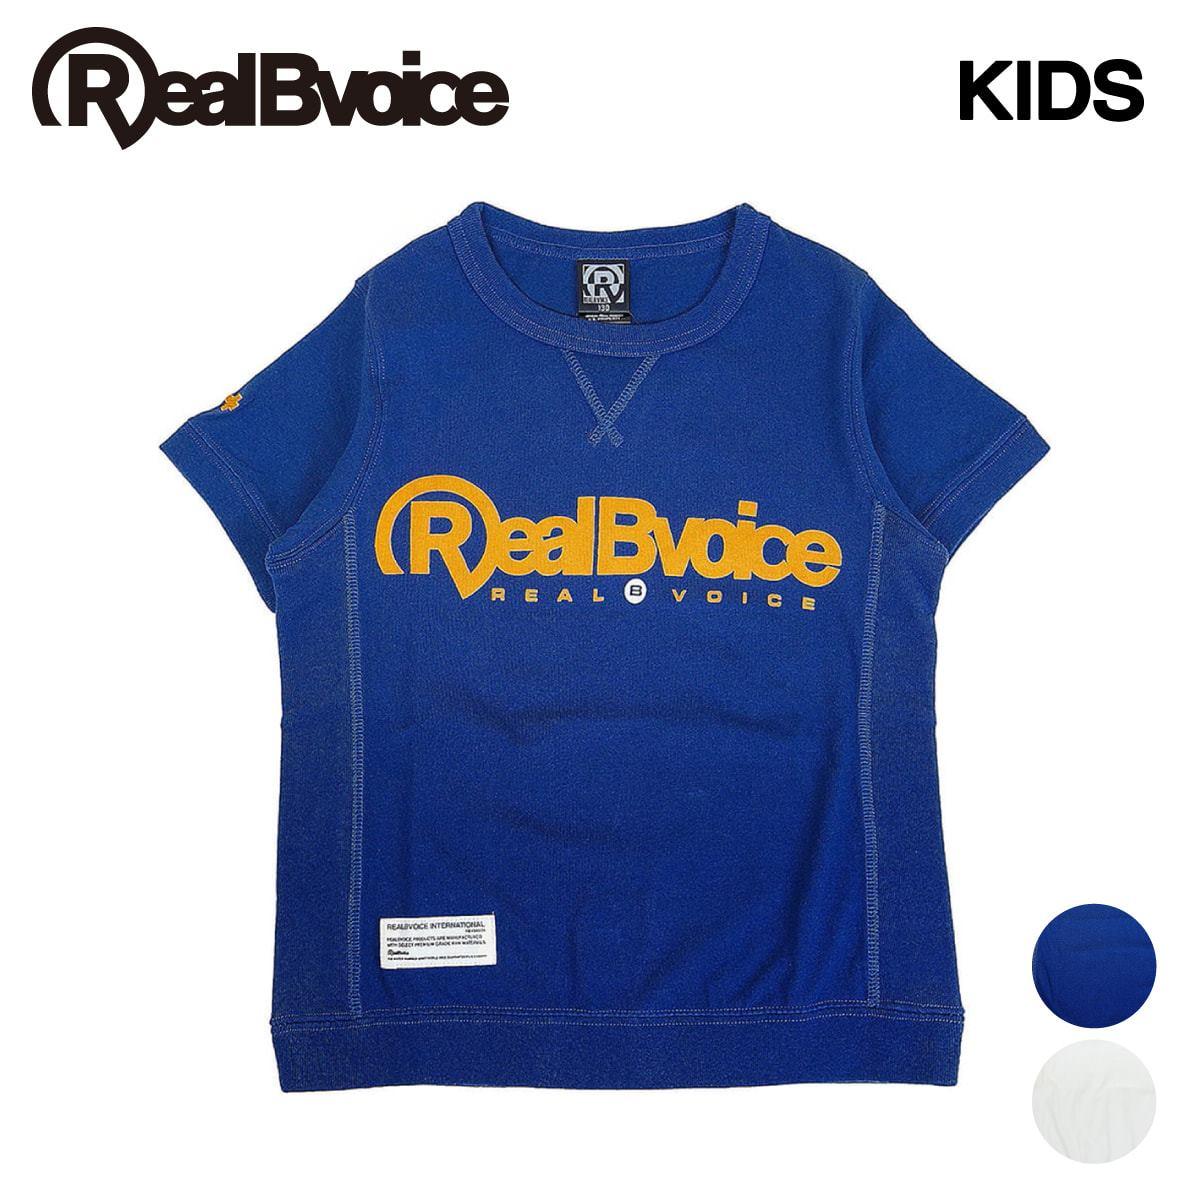 リアルビーボイス RealBvoice キッズ ジュニアサイズ 半袖 リブ付きTシャツ HEAVY WEIGHT RBV KIDS RIB T-SHIRT